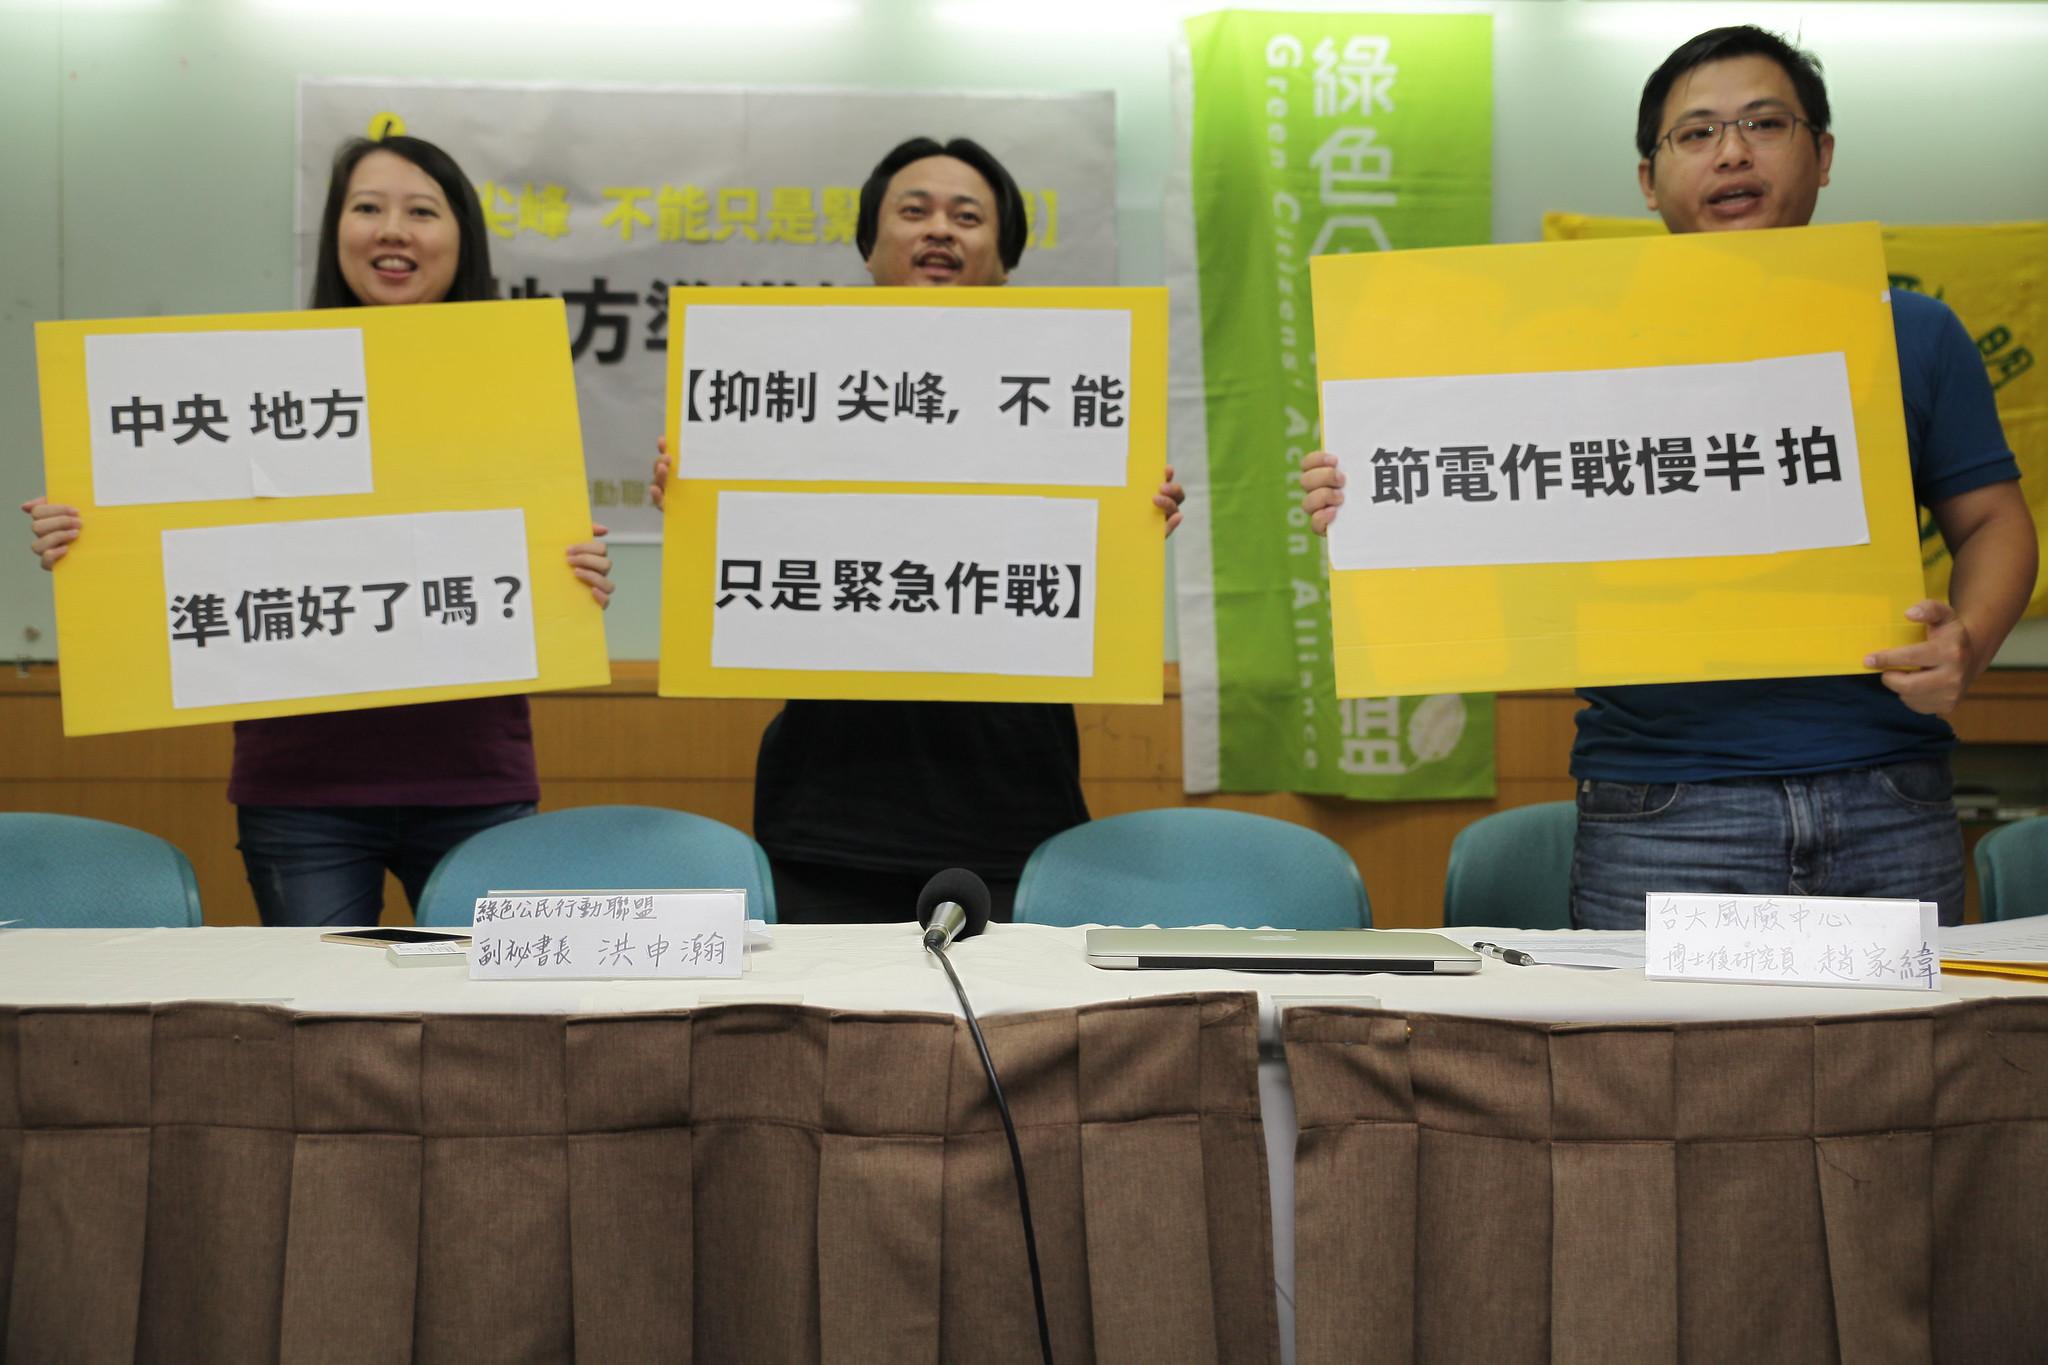 民間團體認為節電需要中央與地方的協力合作,並問「中央、地方政府,真的準備好了嗎?」(攝影:陳逸婷)